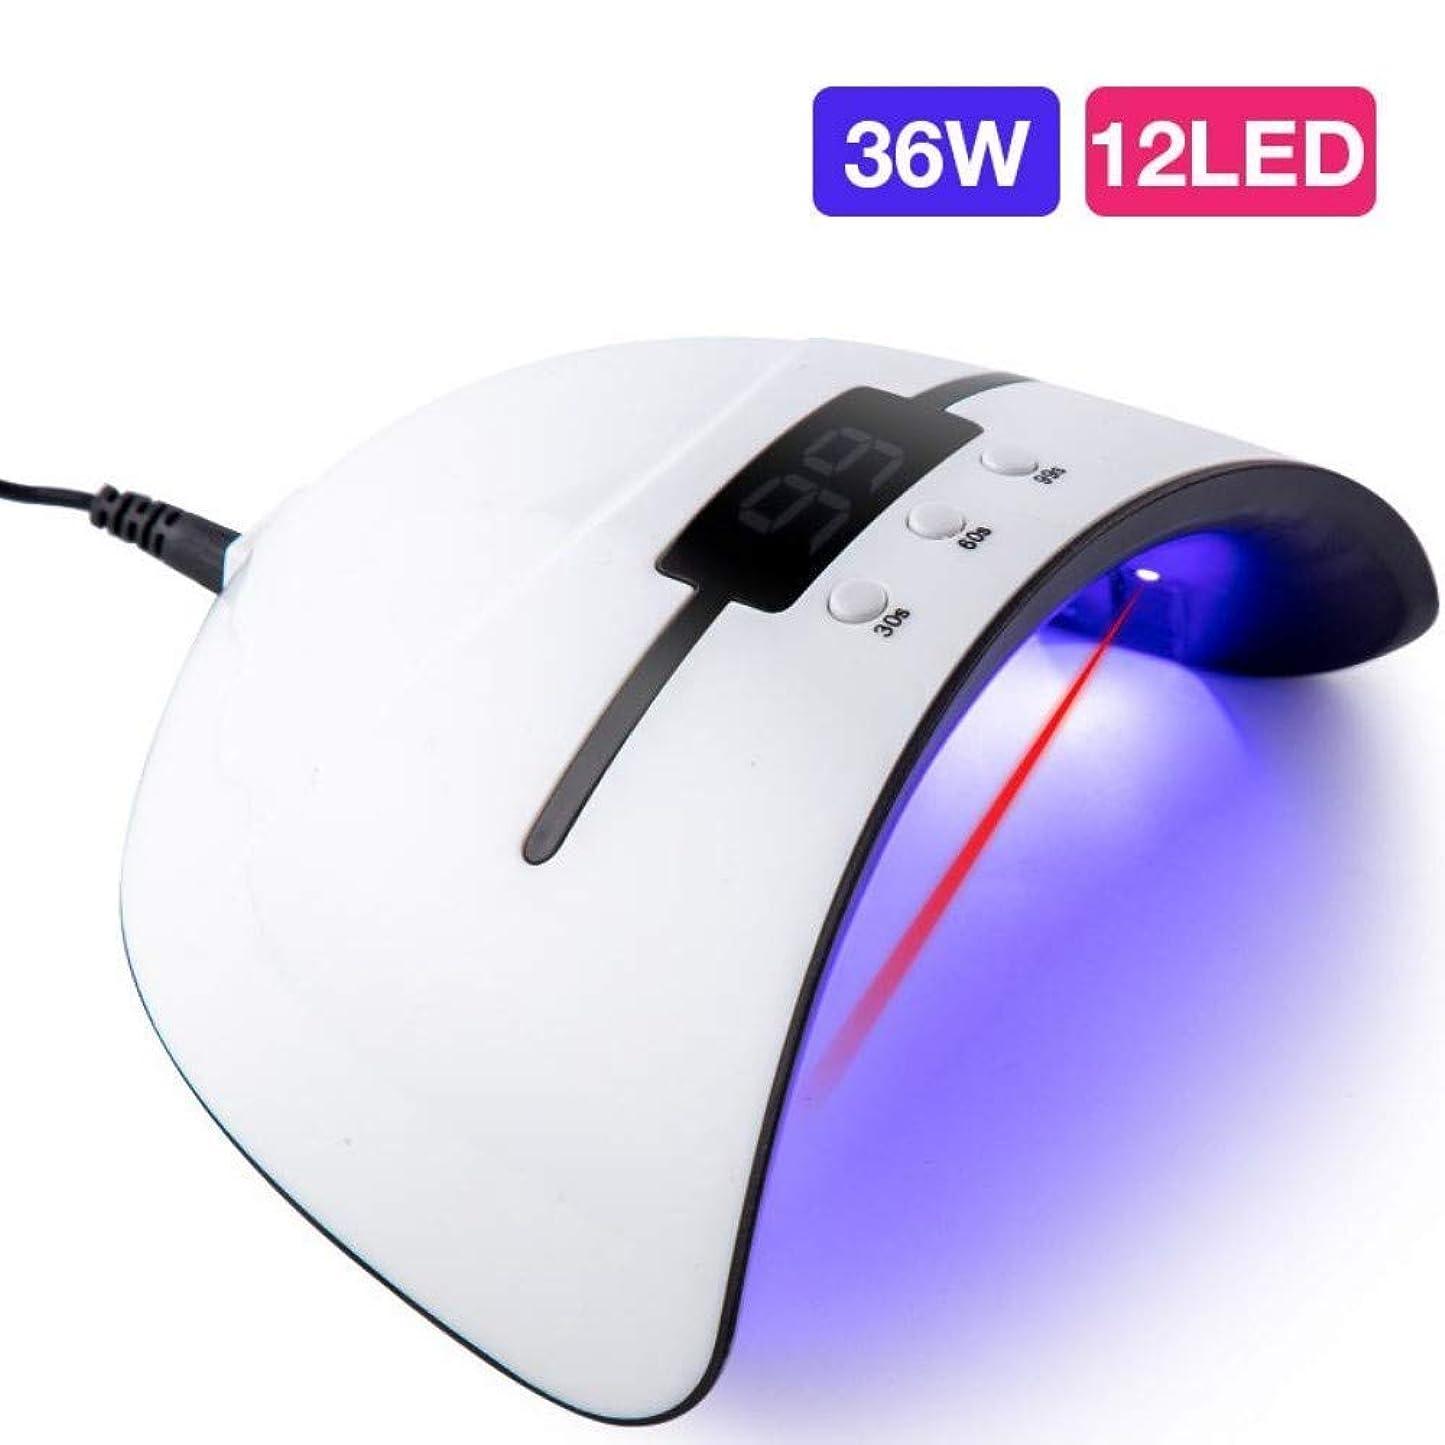 悲観的カーフ割り当てるネイルドライヤー36W UV LEDネイルランプ硬化ランプ3タイマー付きネイルドライヤーすべてのタイプ用マニキュアジェル12 LED設定USBコネクタ